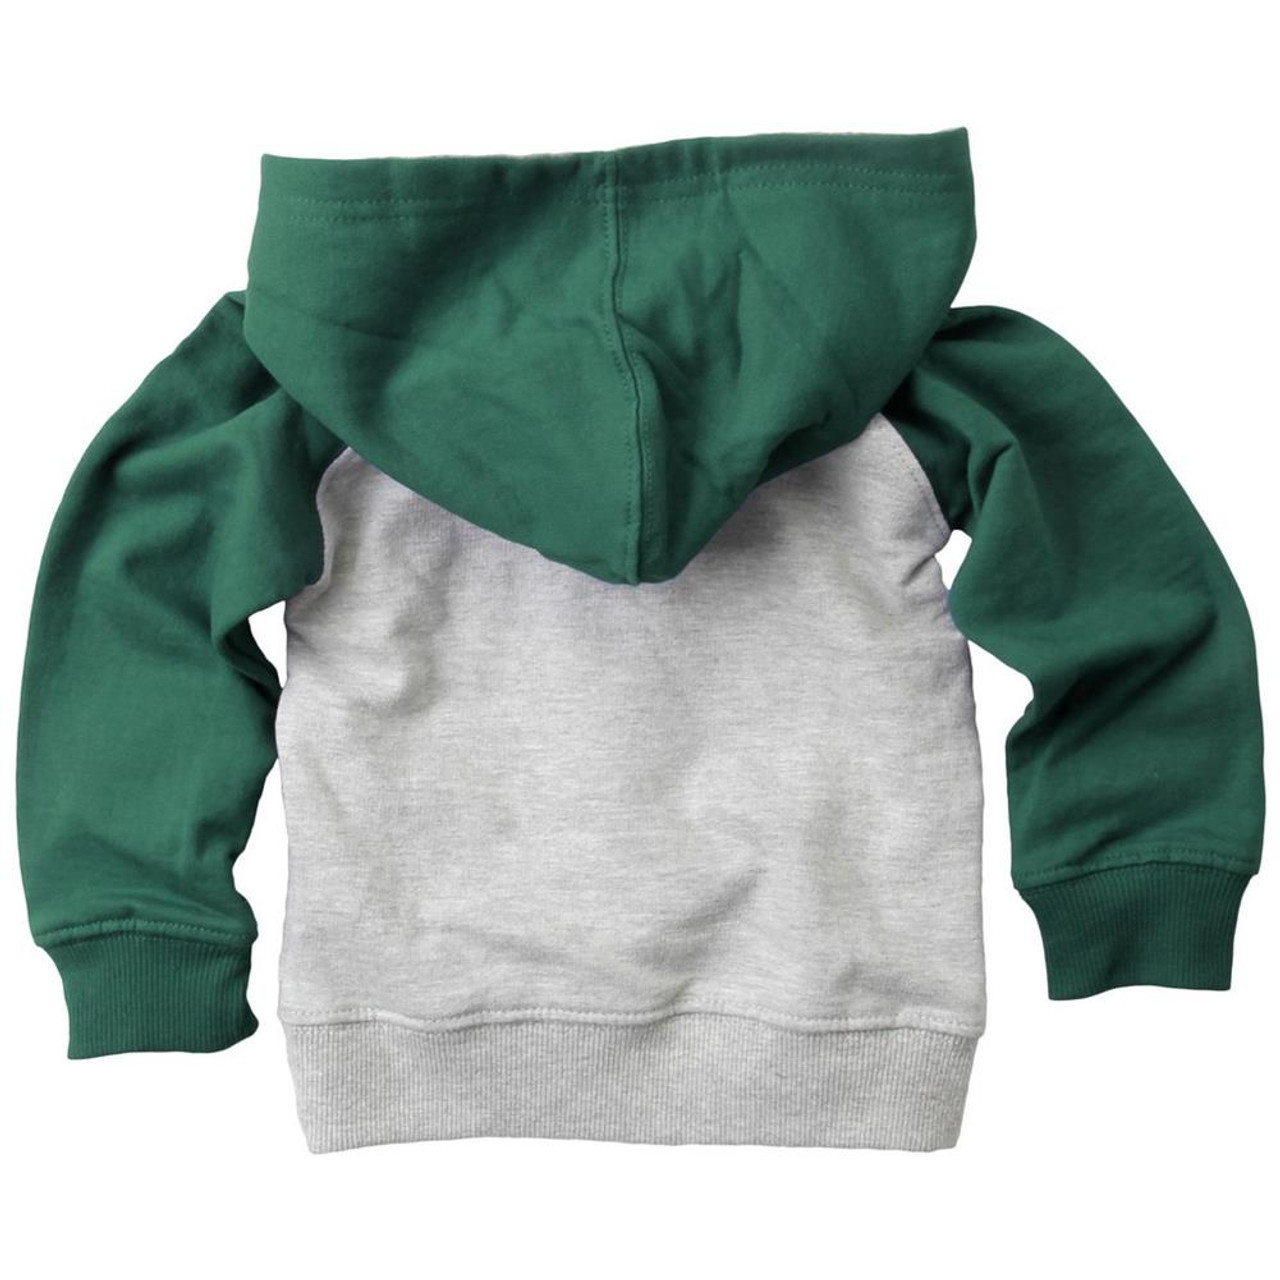 Infant/Toddler Raglan Michigan State University Hoodie and Pant Set